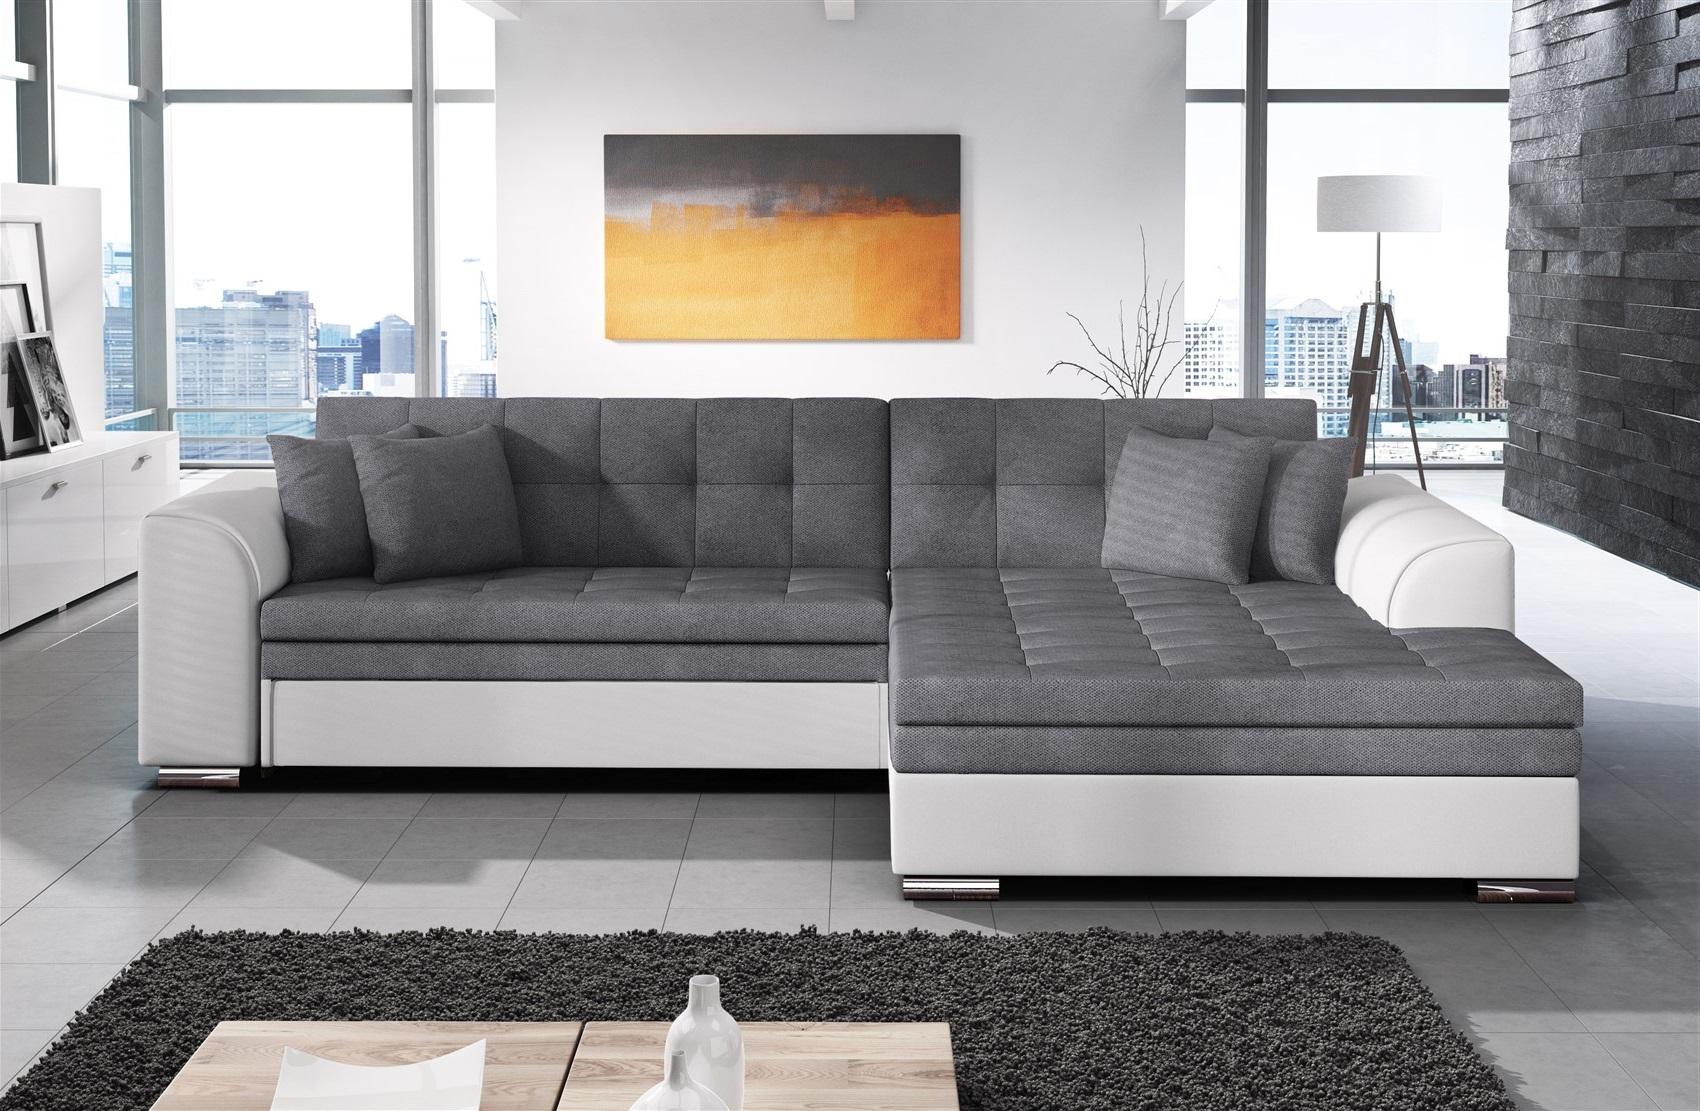 couchgarnitur sarra weiss dunkelgrau mit schlaffunktion ottomane rechts fun m bel. Black Bedroom Furniture Sets. Home Design Ideas